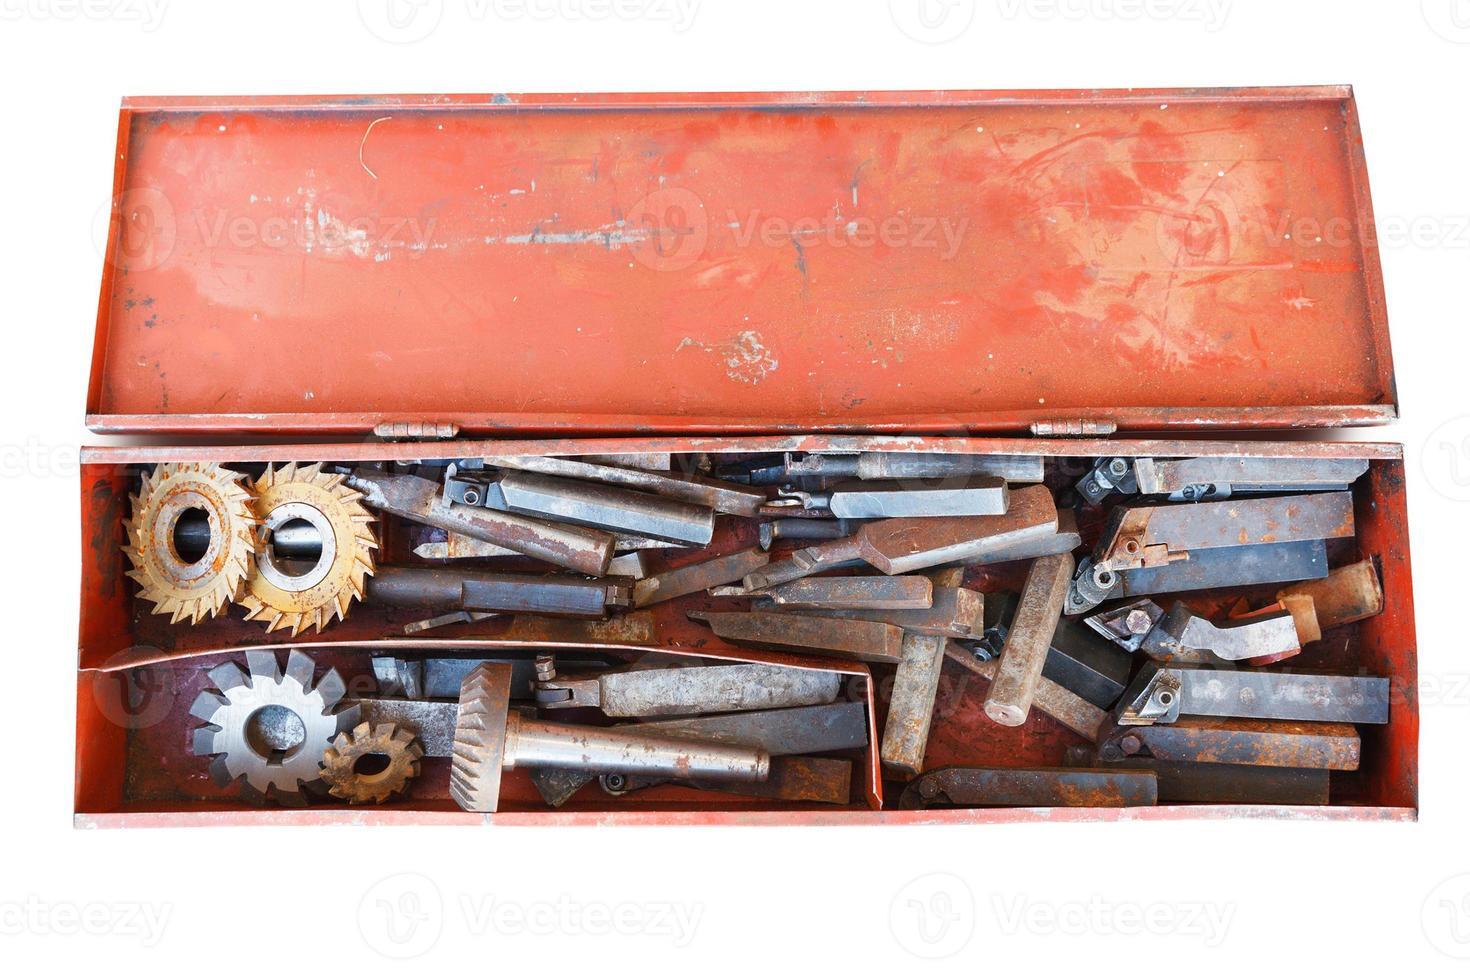 vecchi strumenti di tornitura foto